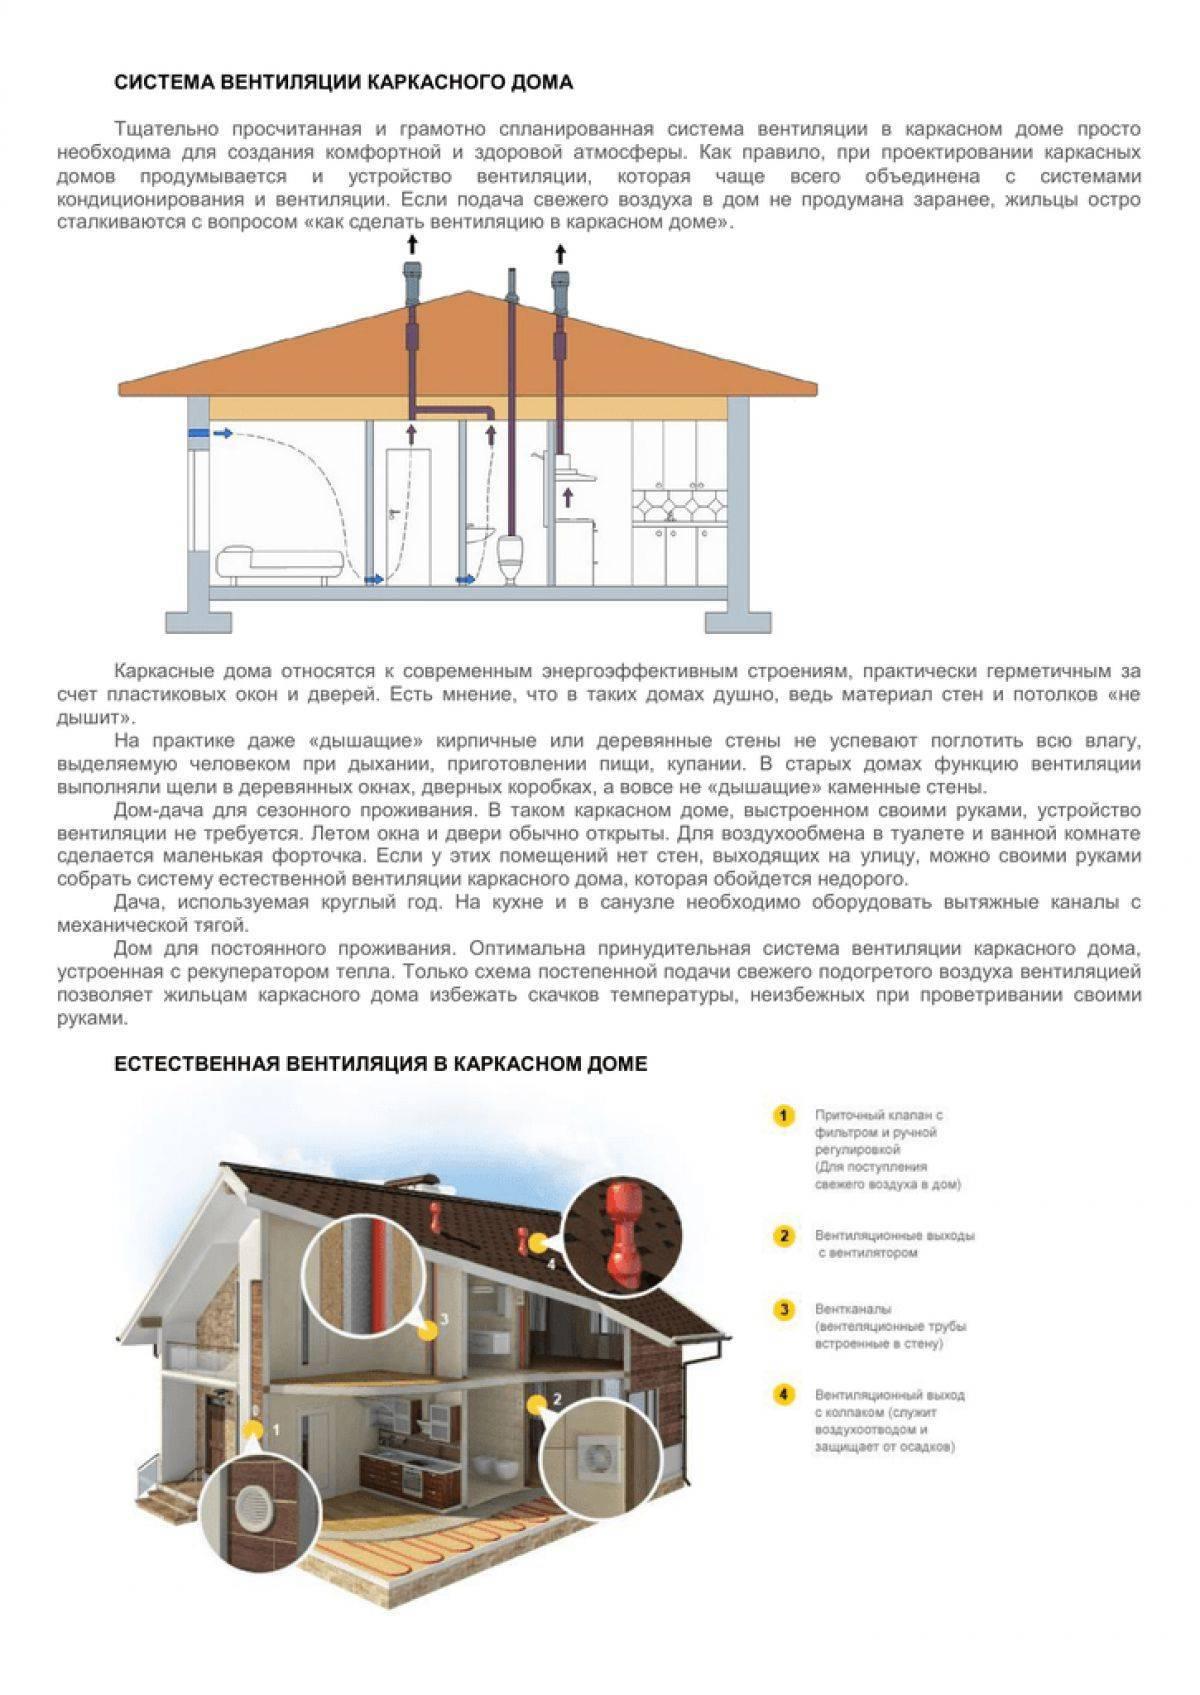 Вентиляция в каркасном доме | как правильно устроить вентиляцию